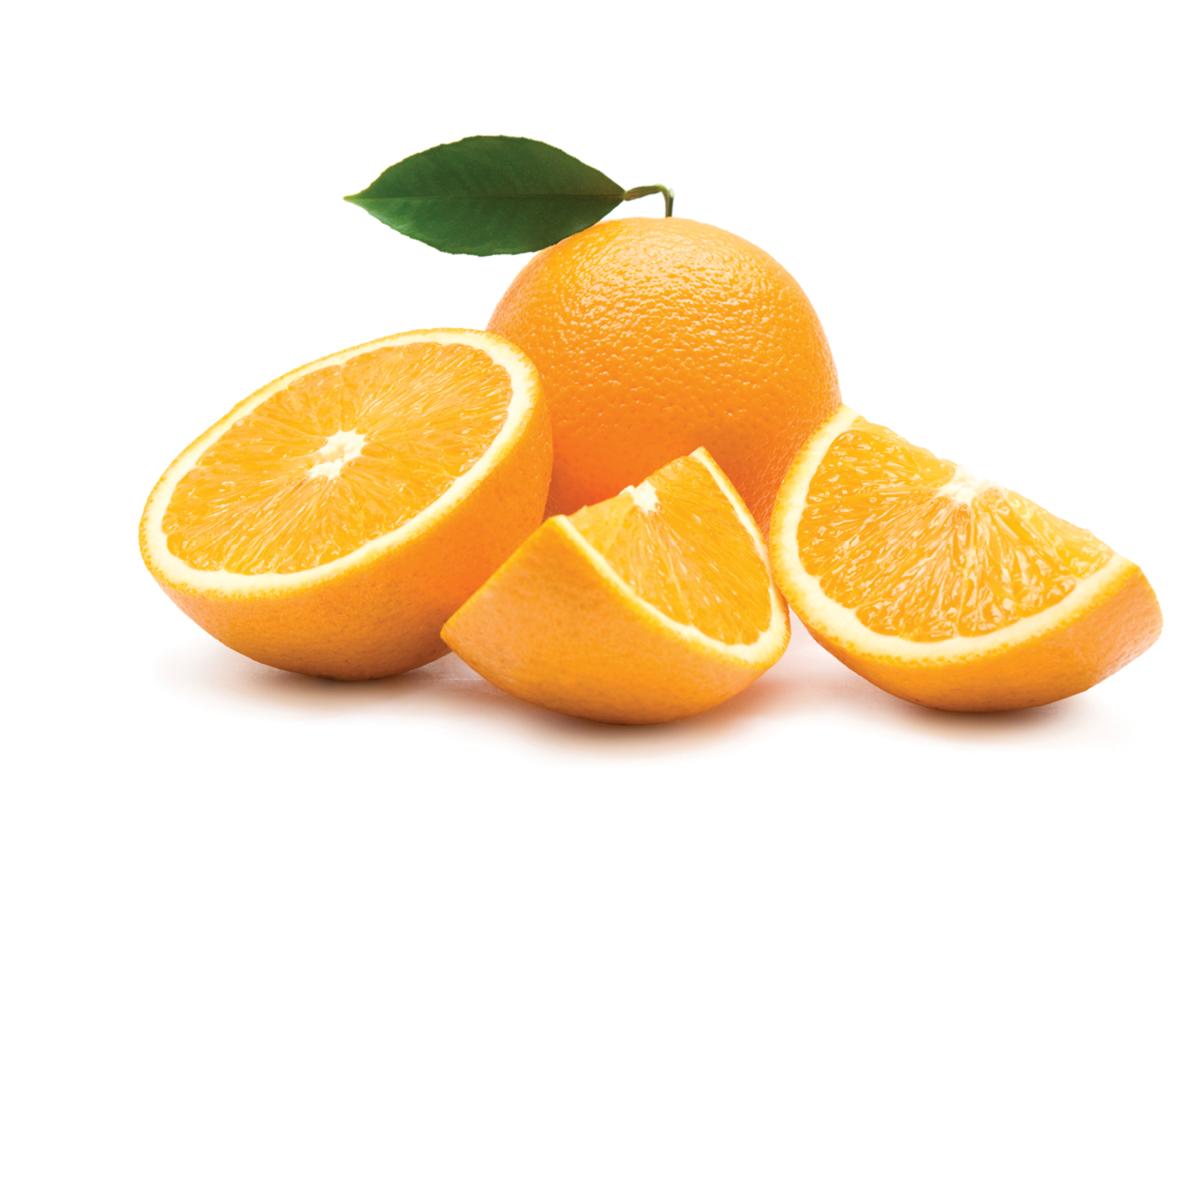 SKY VALLEY Heirloom Navel Oranges